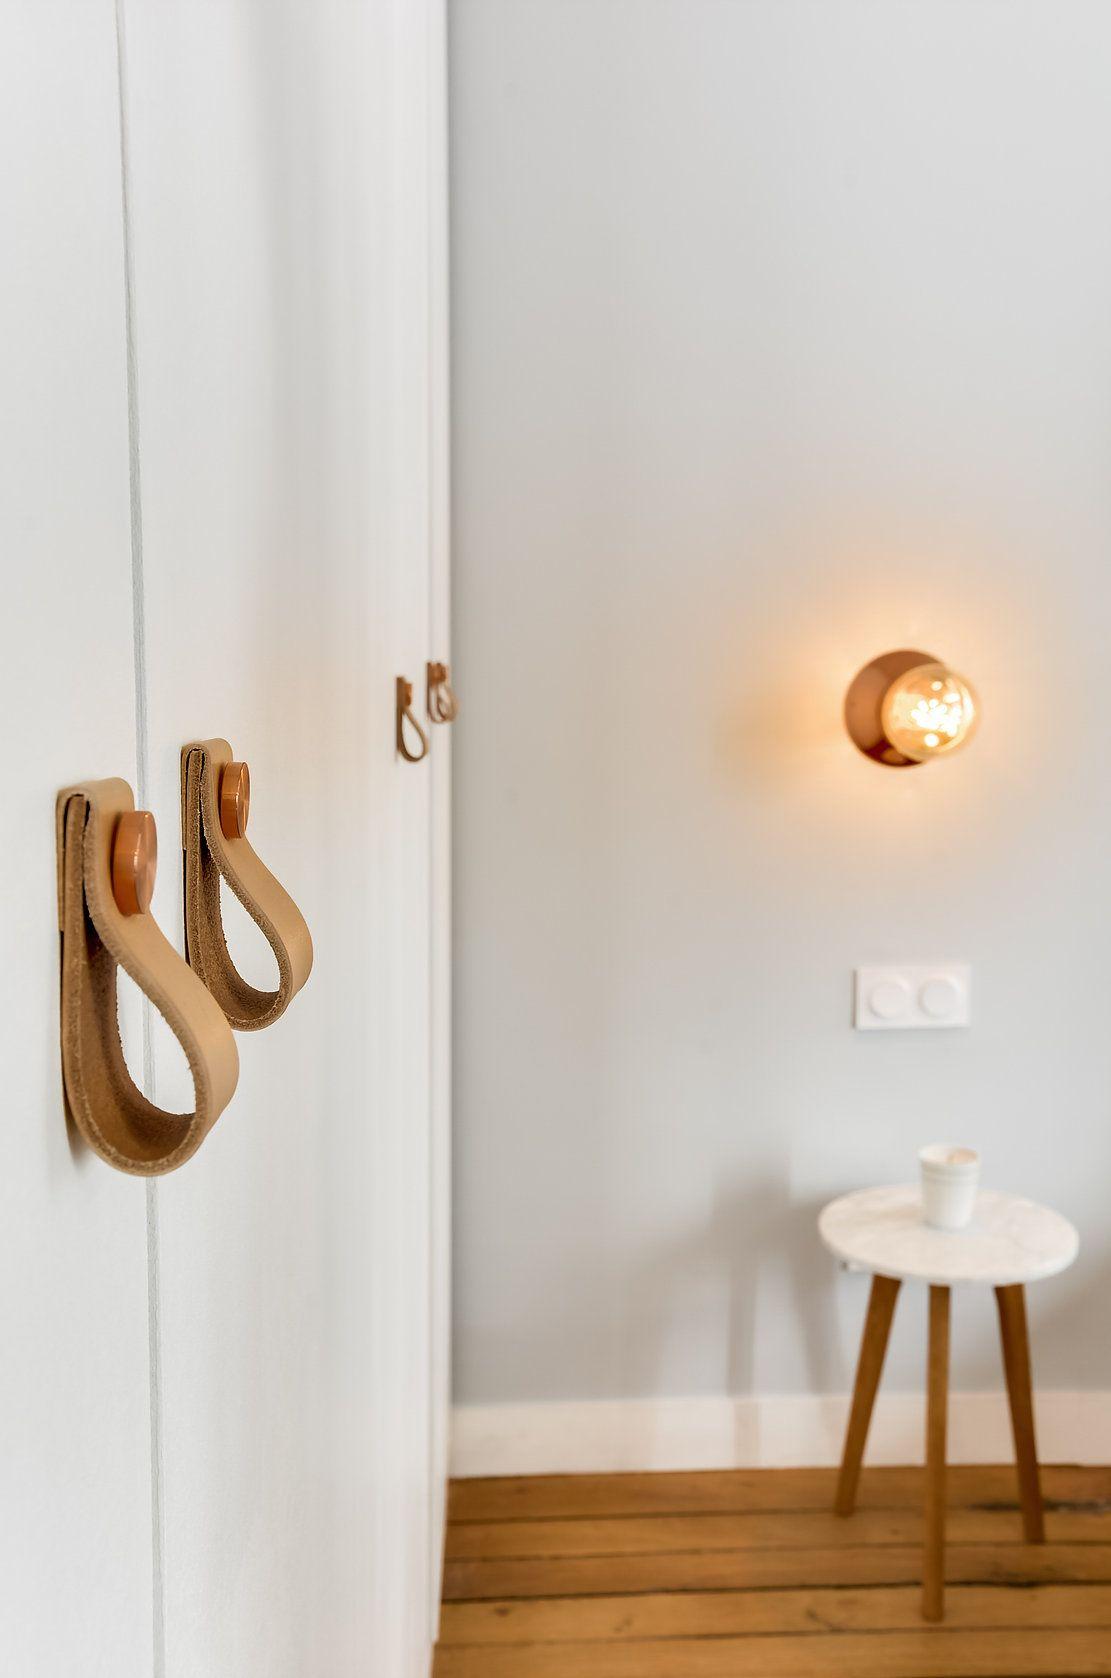 Transition interior design architectes d 39 int rieurs - Architecte interieur paris petite surface ...